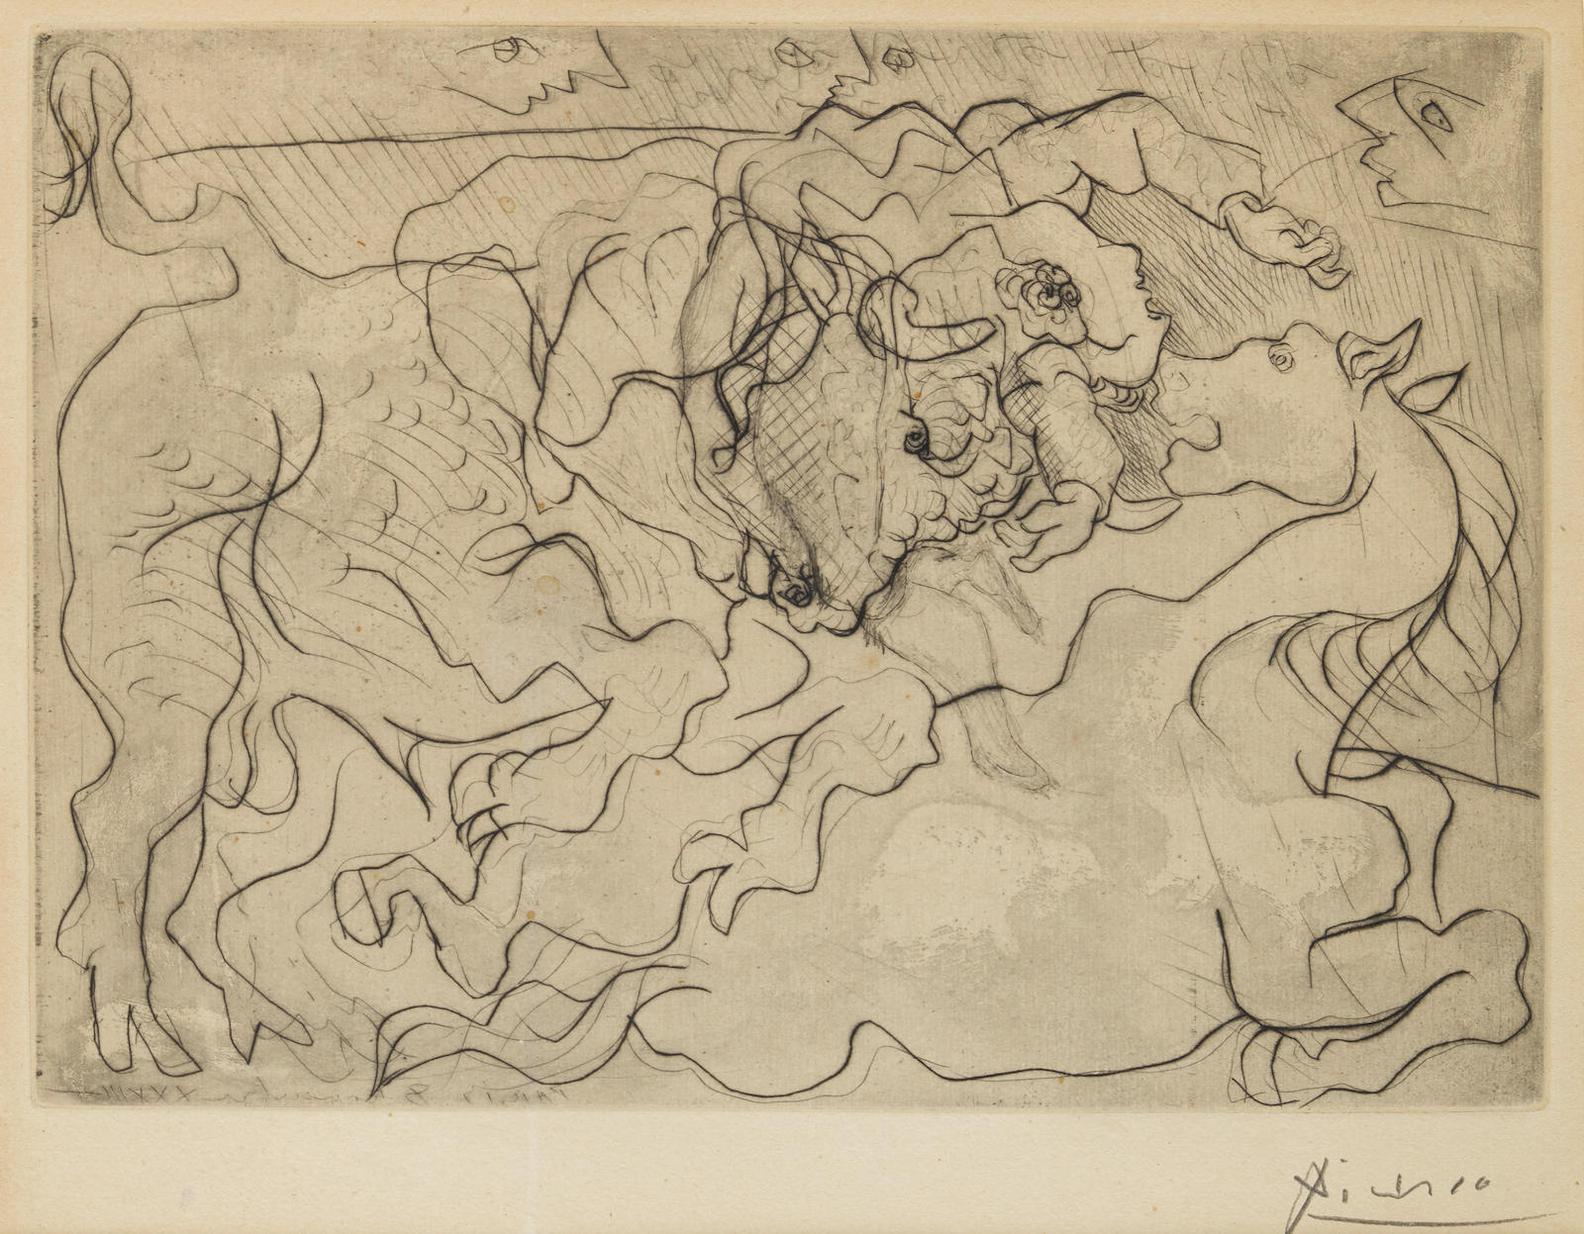 Pablo Picasso-Morte Au Soleil Iv, Pl.13, From La Suite Vollard-1933